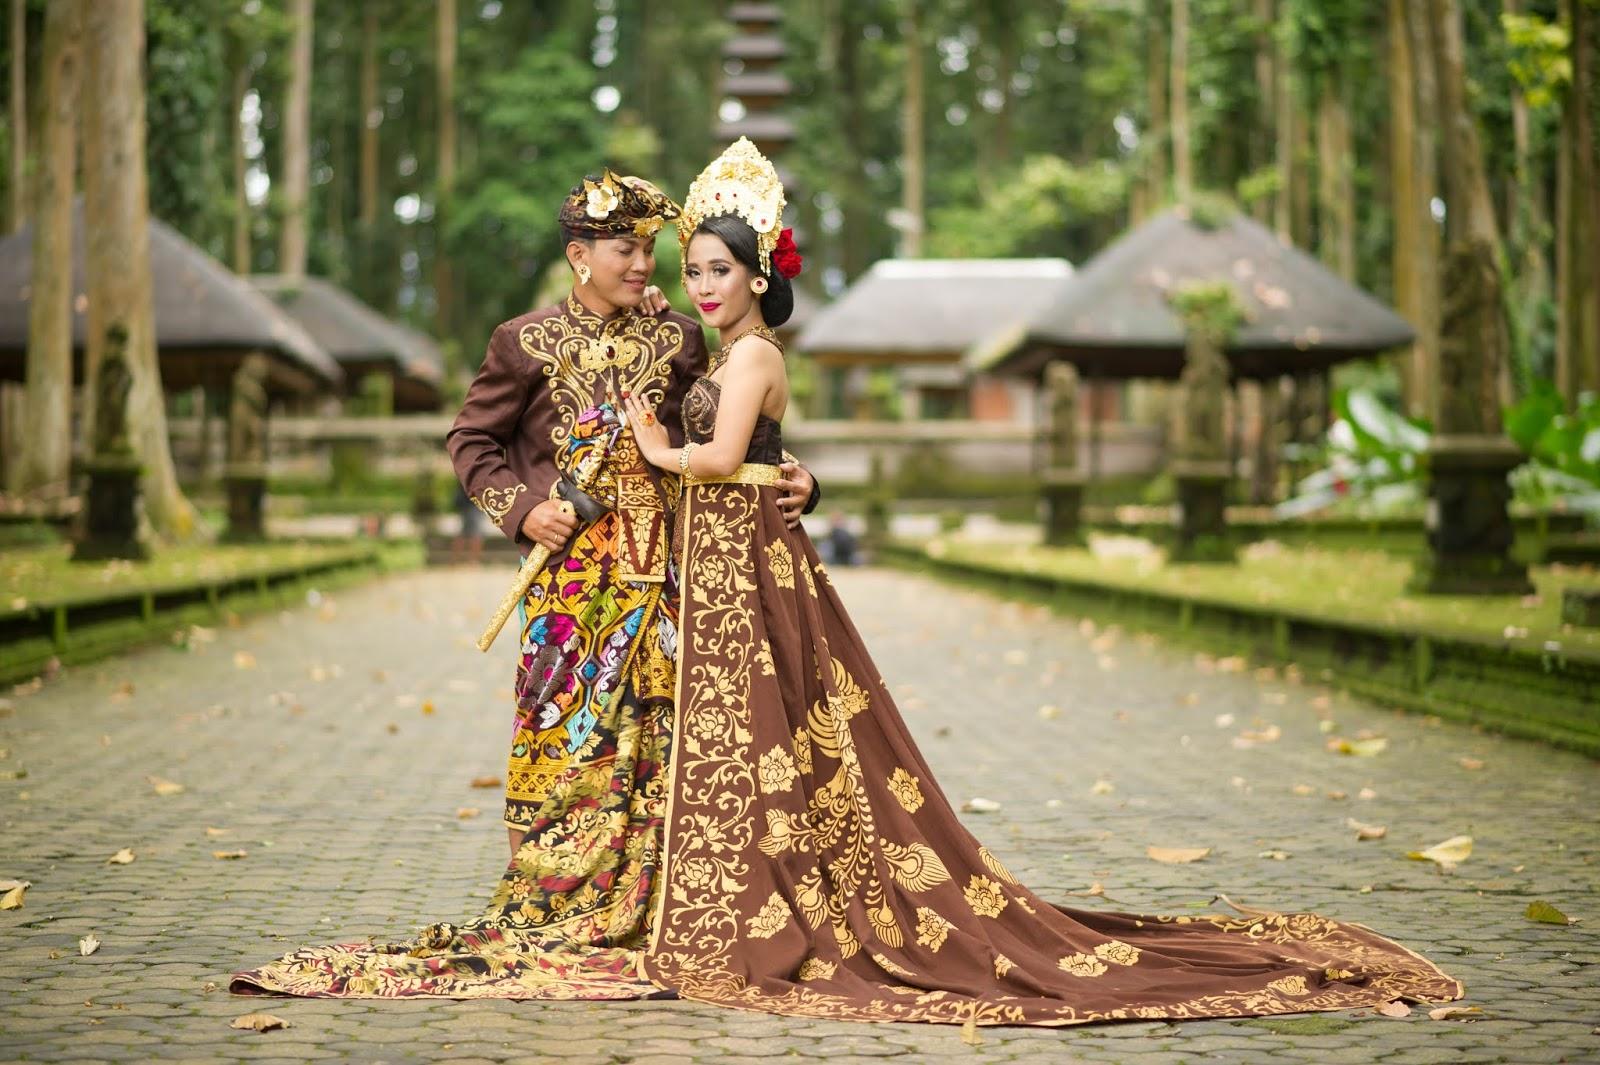 c1b94243b90bb كيفية جعل صور زفافك أكثر جمالا